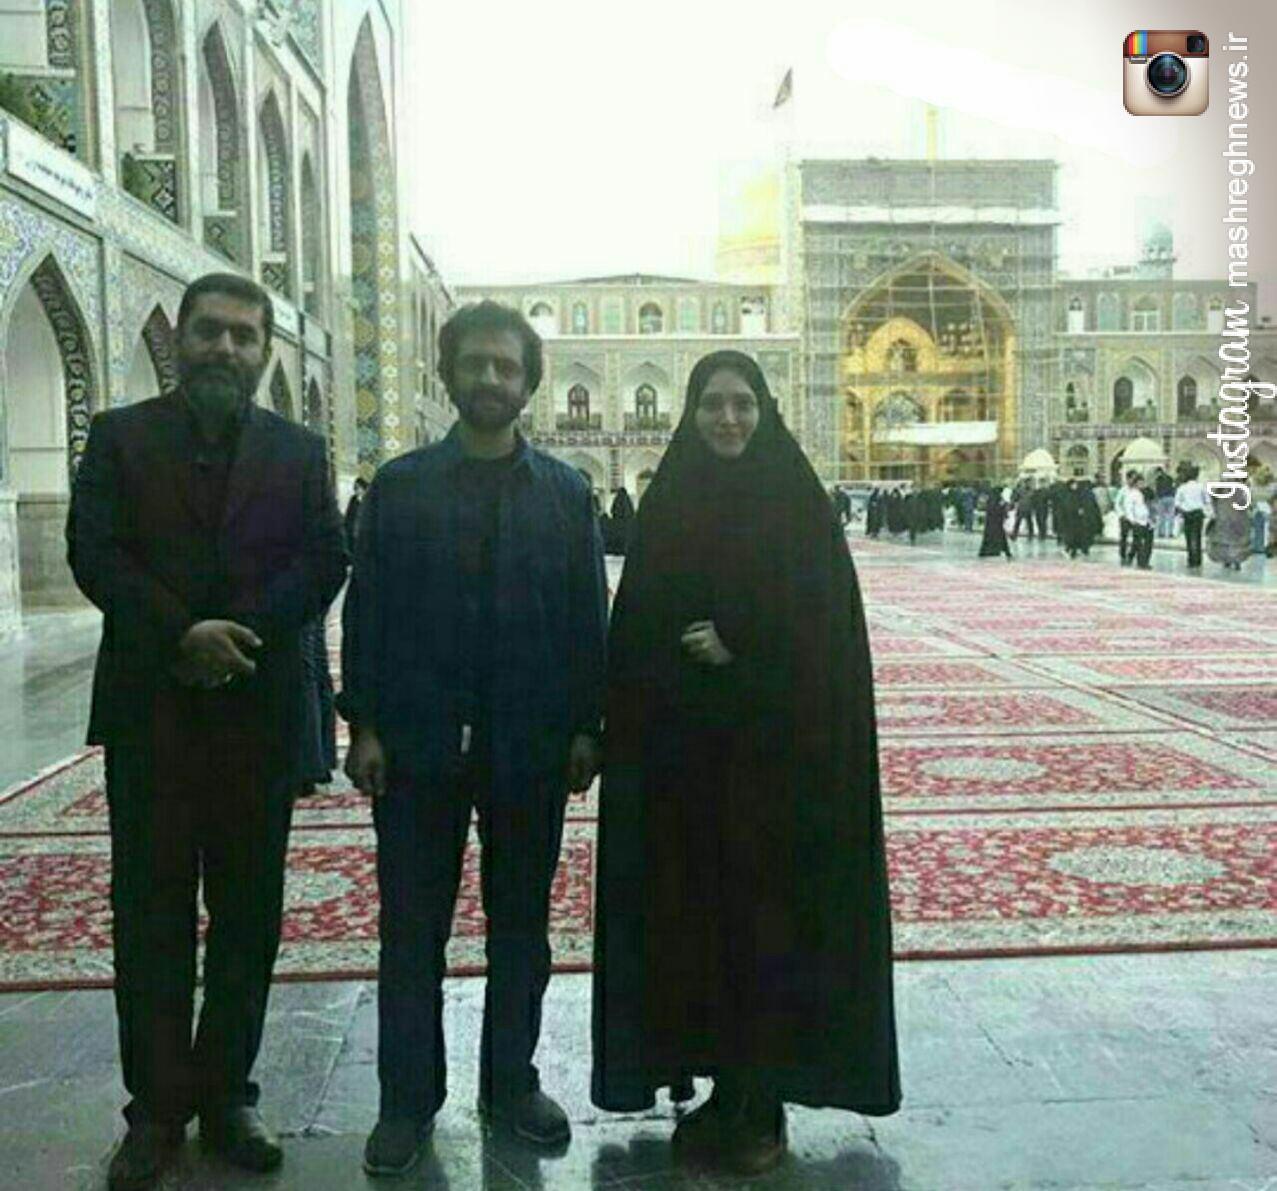 بازیگران فیلم «سیانور» در حرم امام رضا(ع) عکس